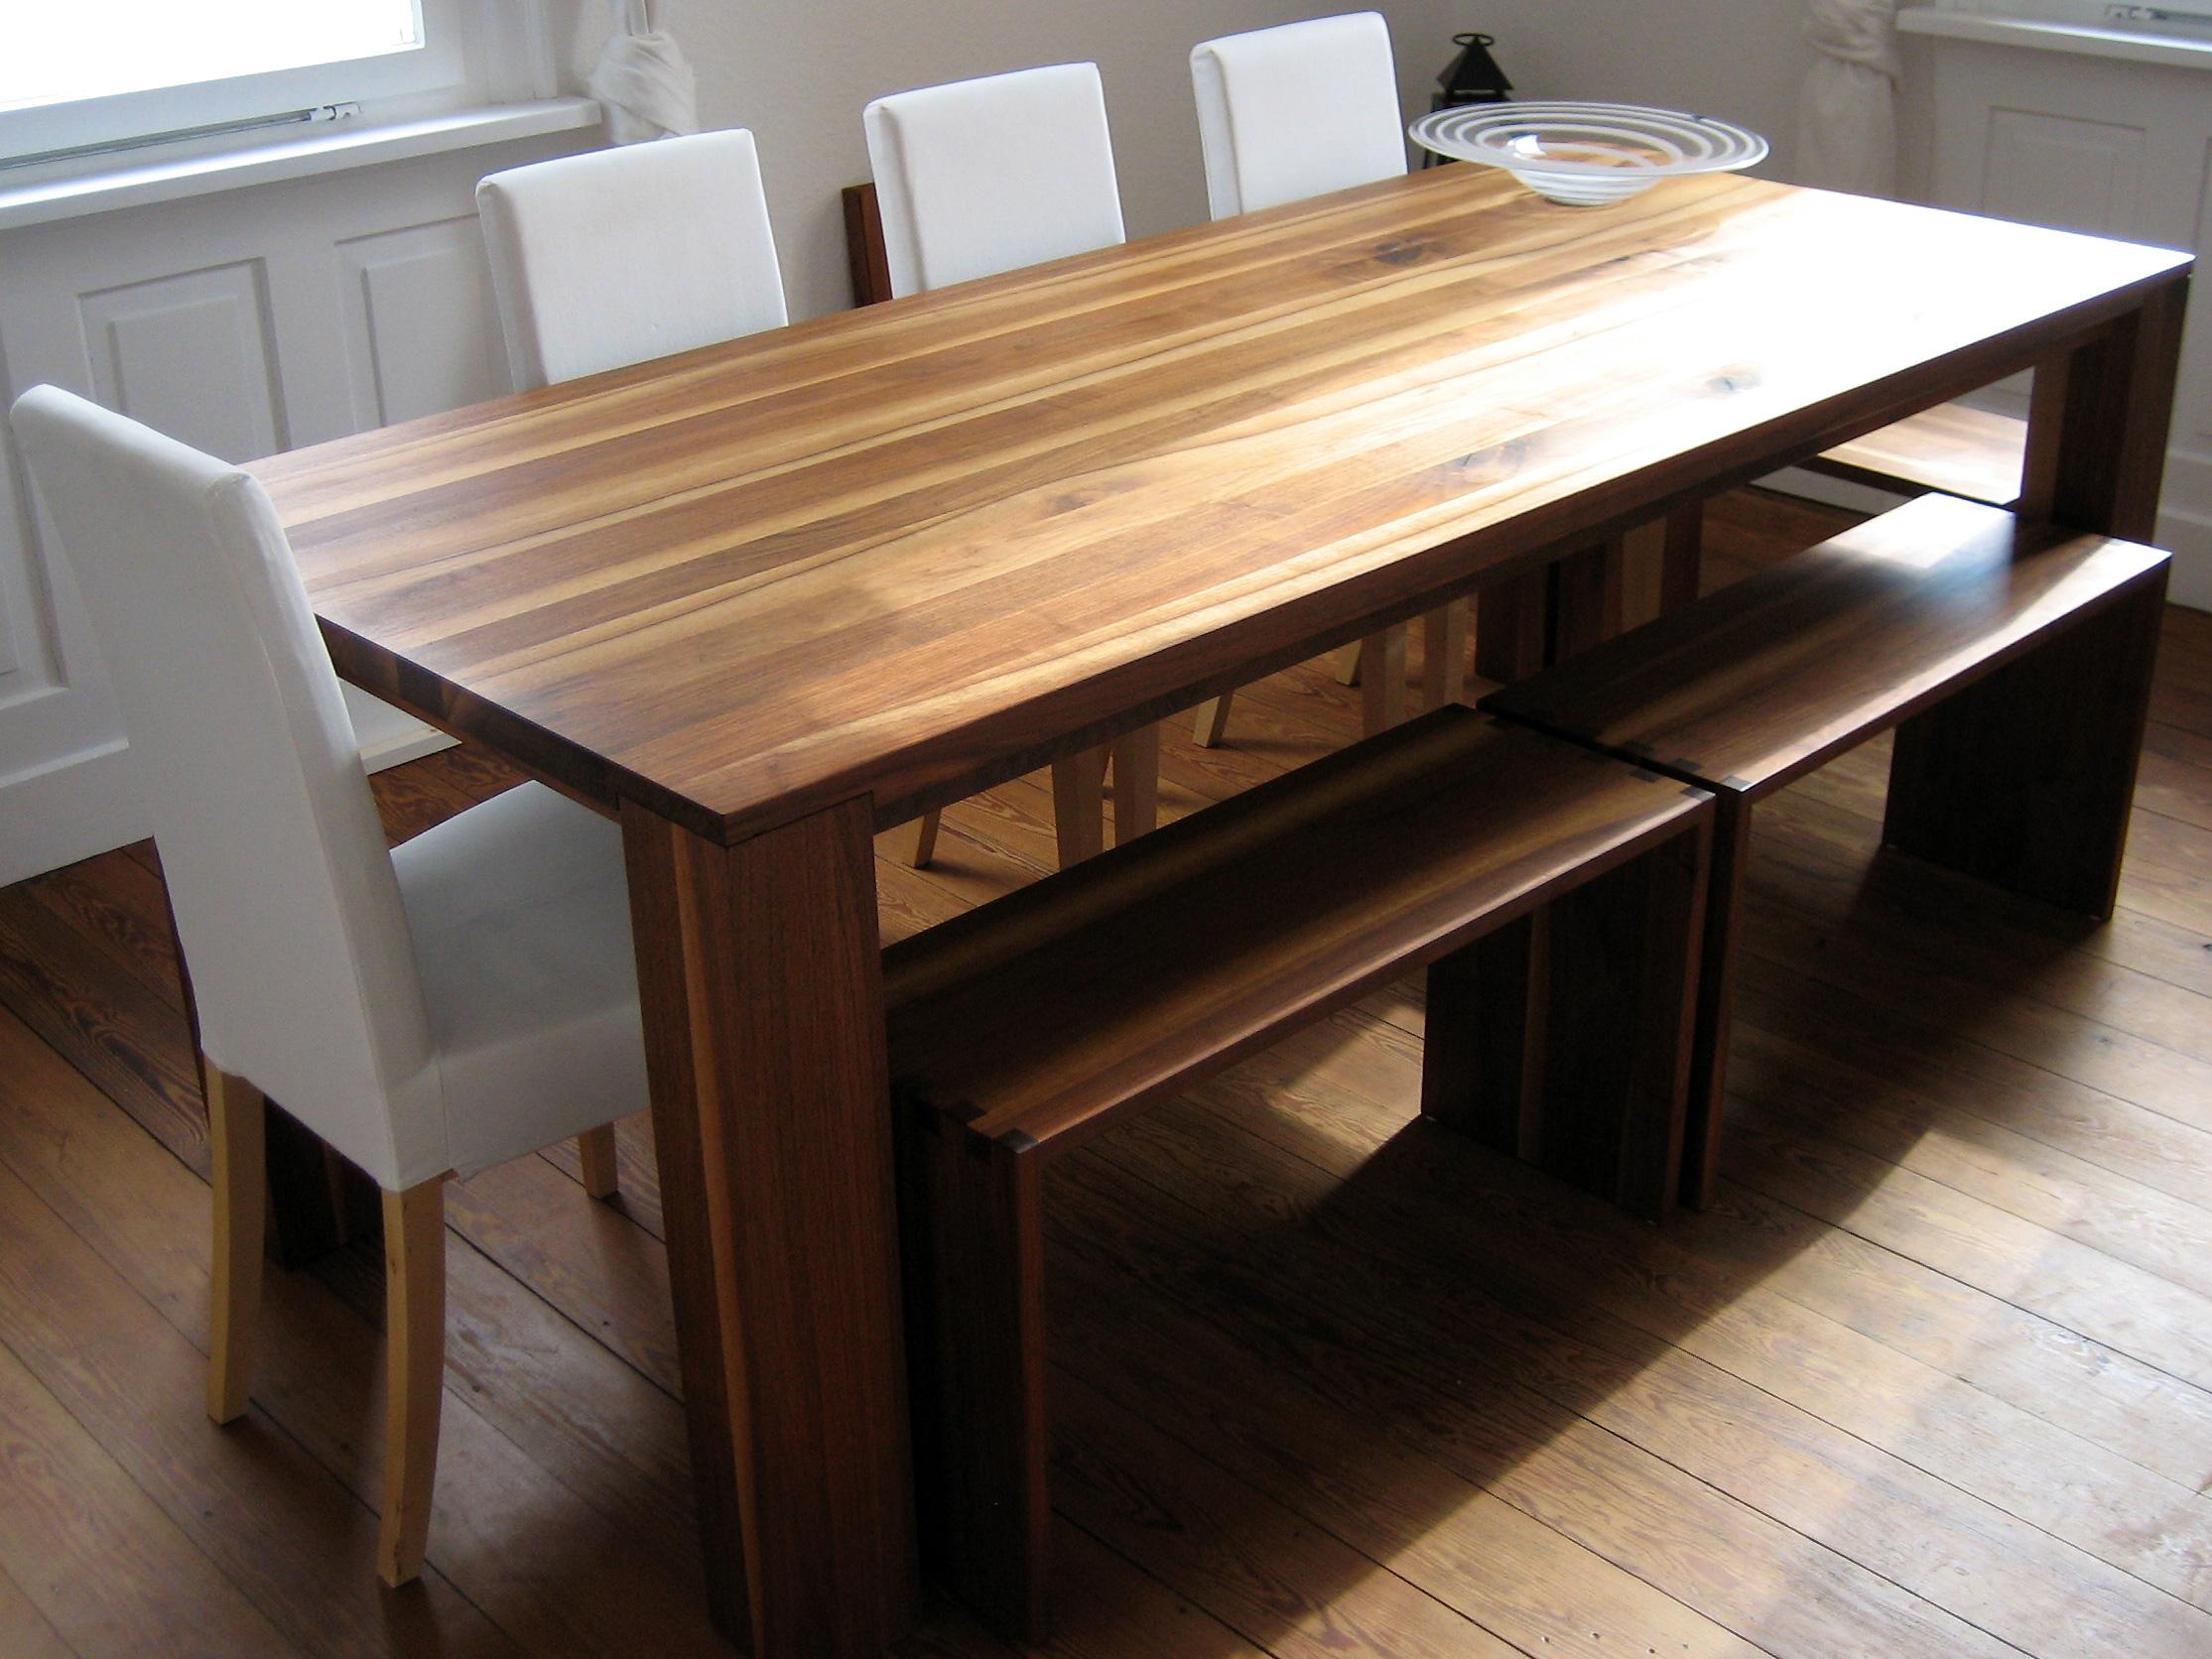 Esstisch nussbaum 11treedesigns schreinerei interior for Tisch massiv ausziehbar